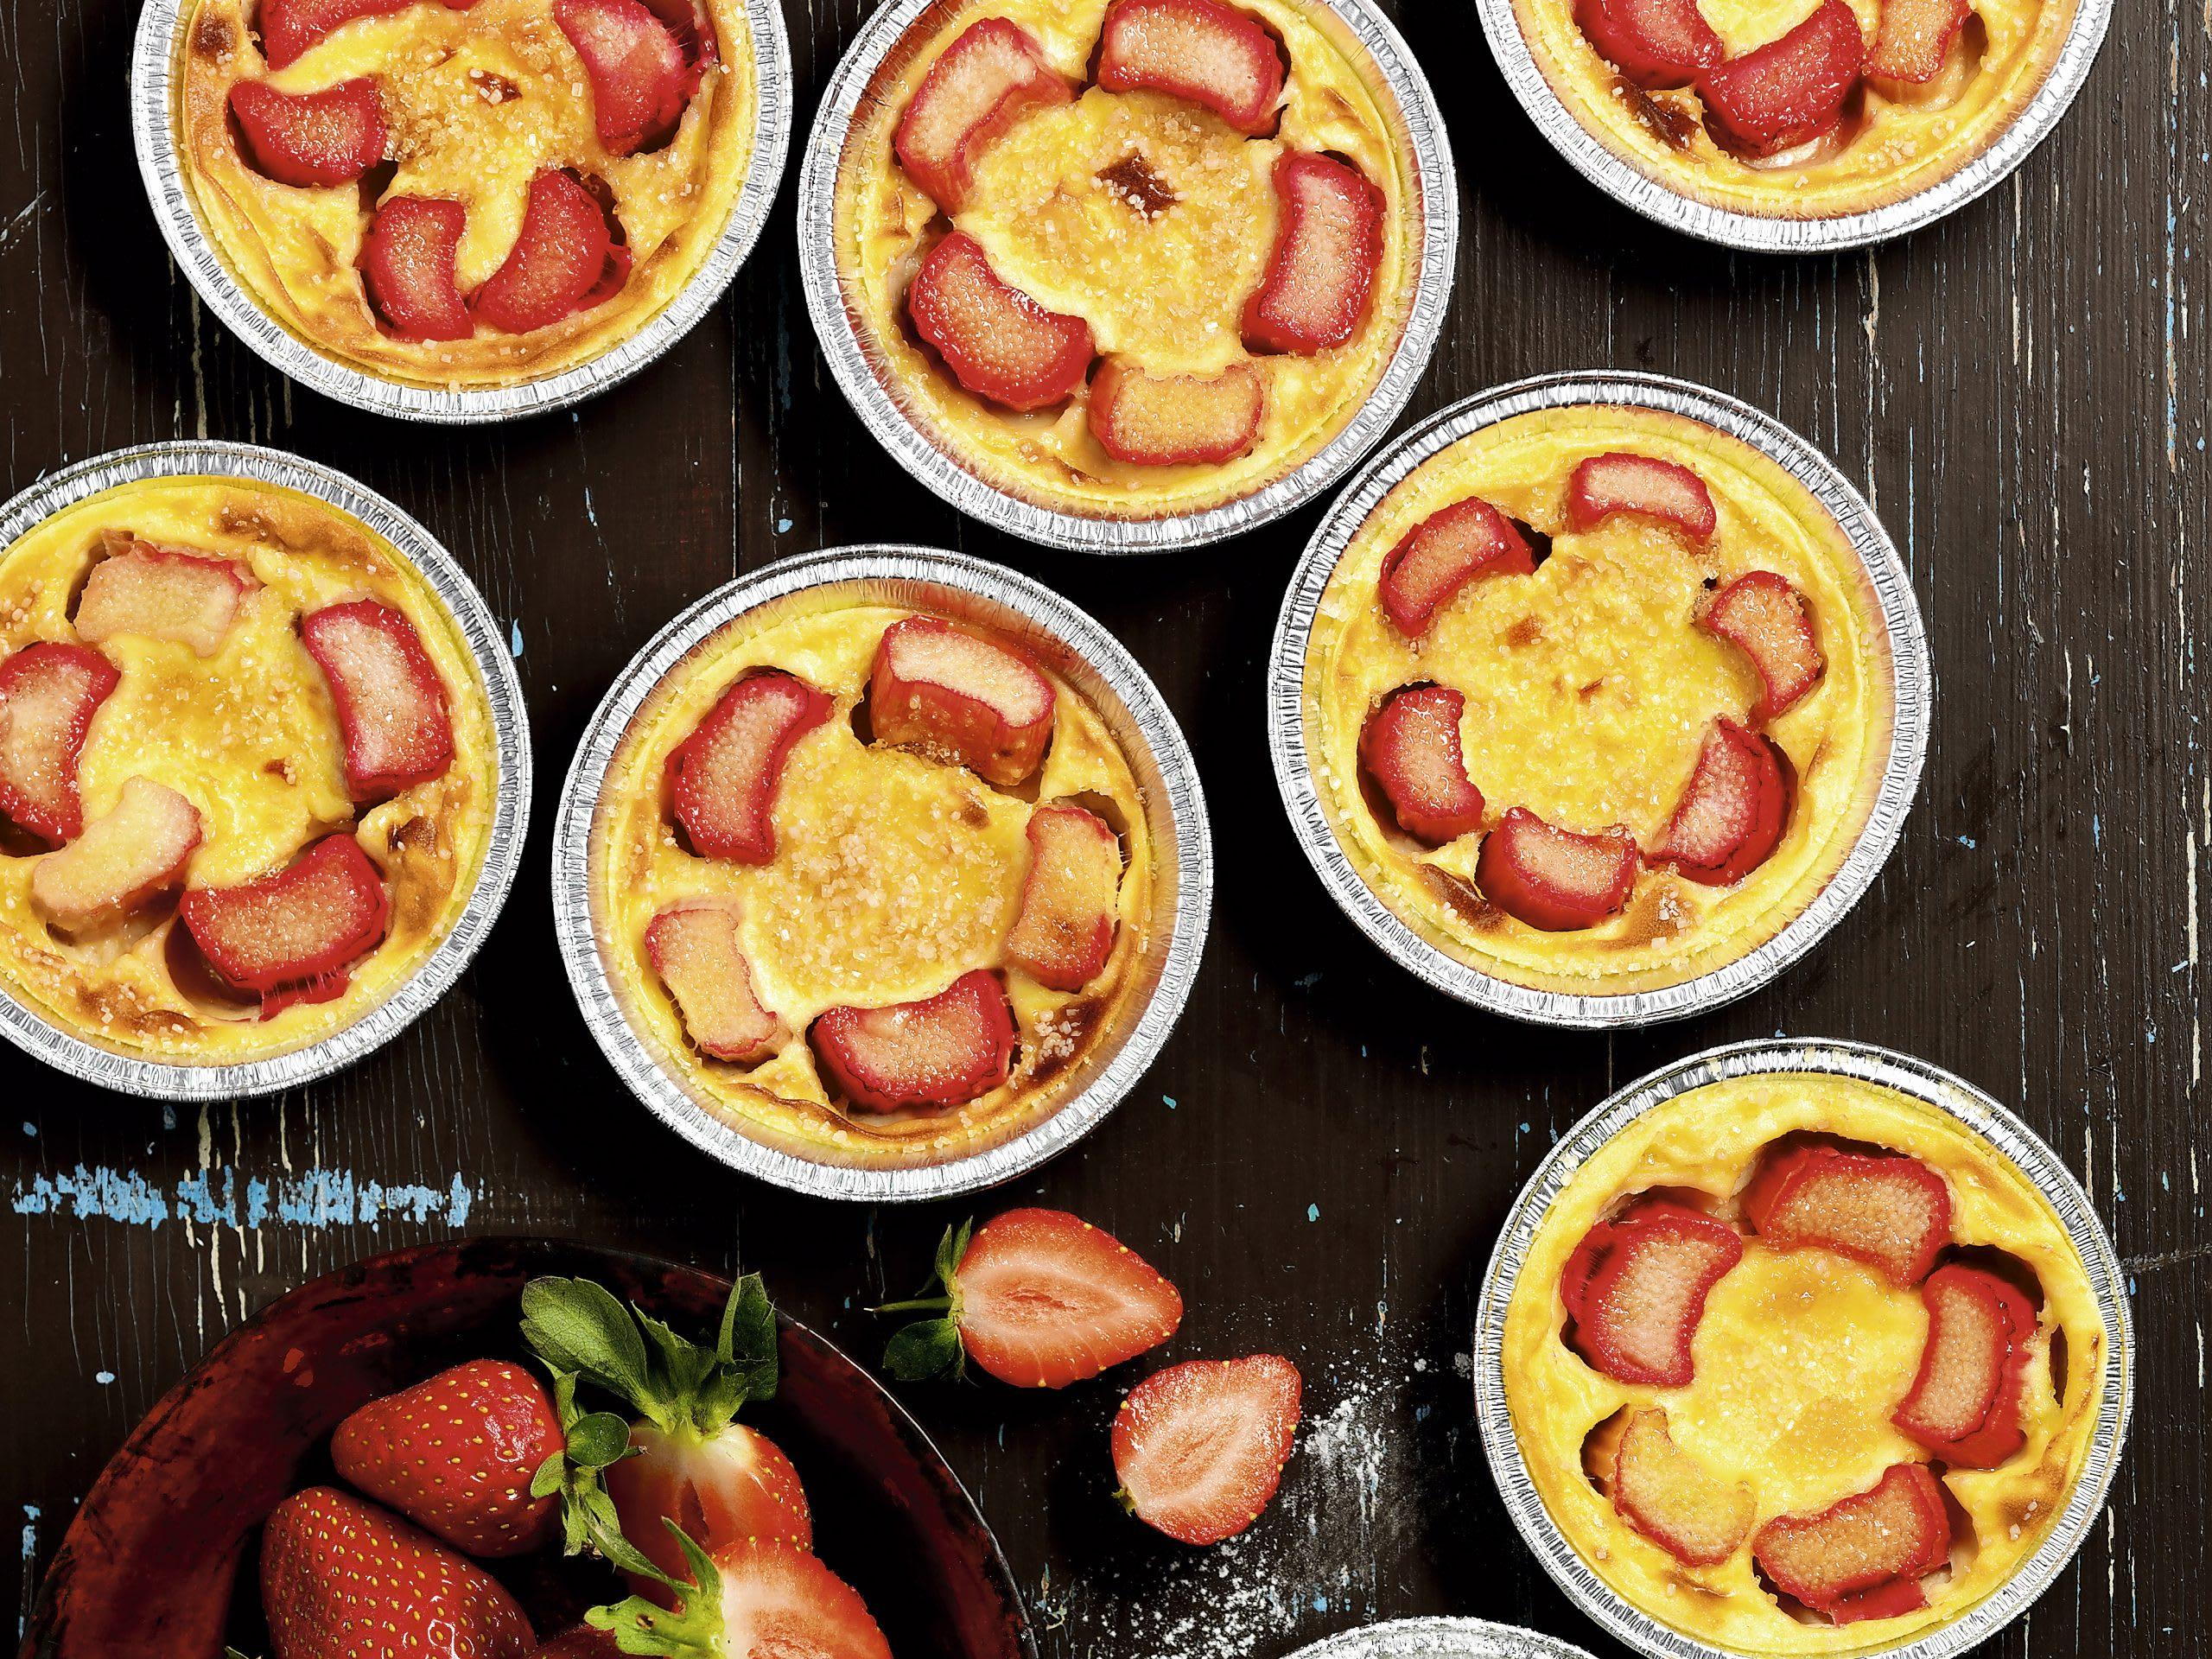 Clafoutis à la rhubarbe et fraises au barbecue